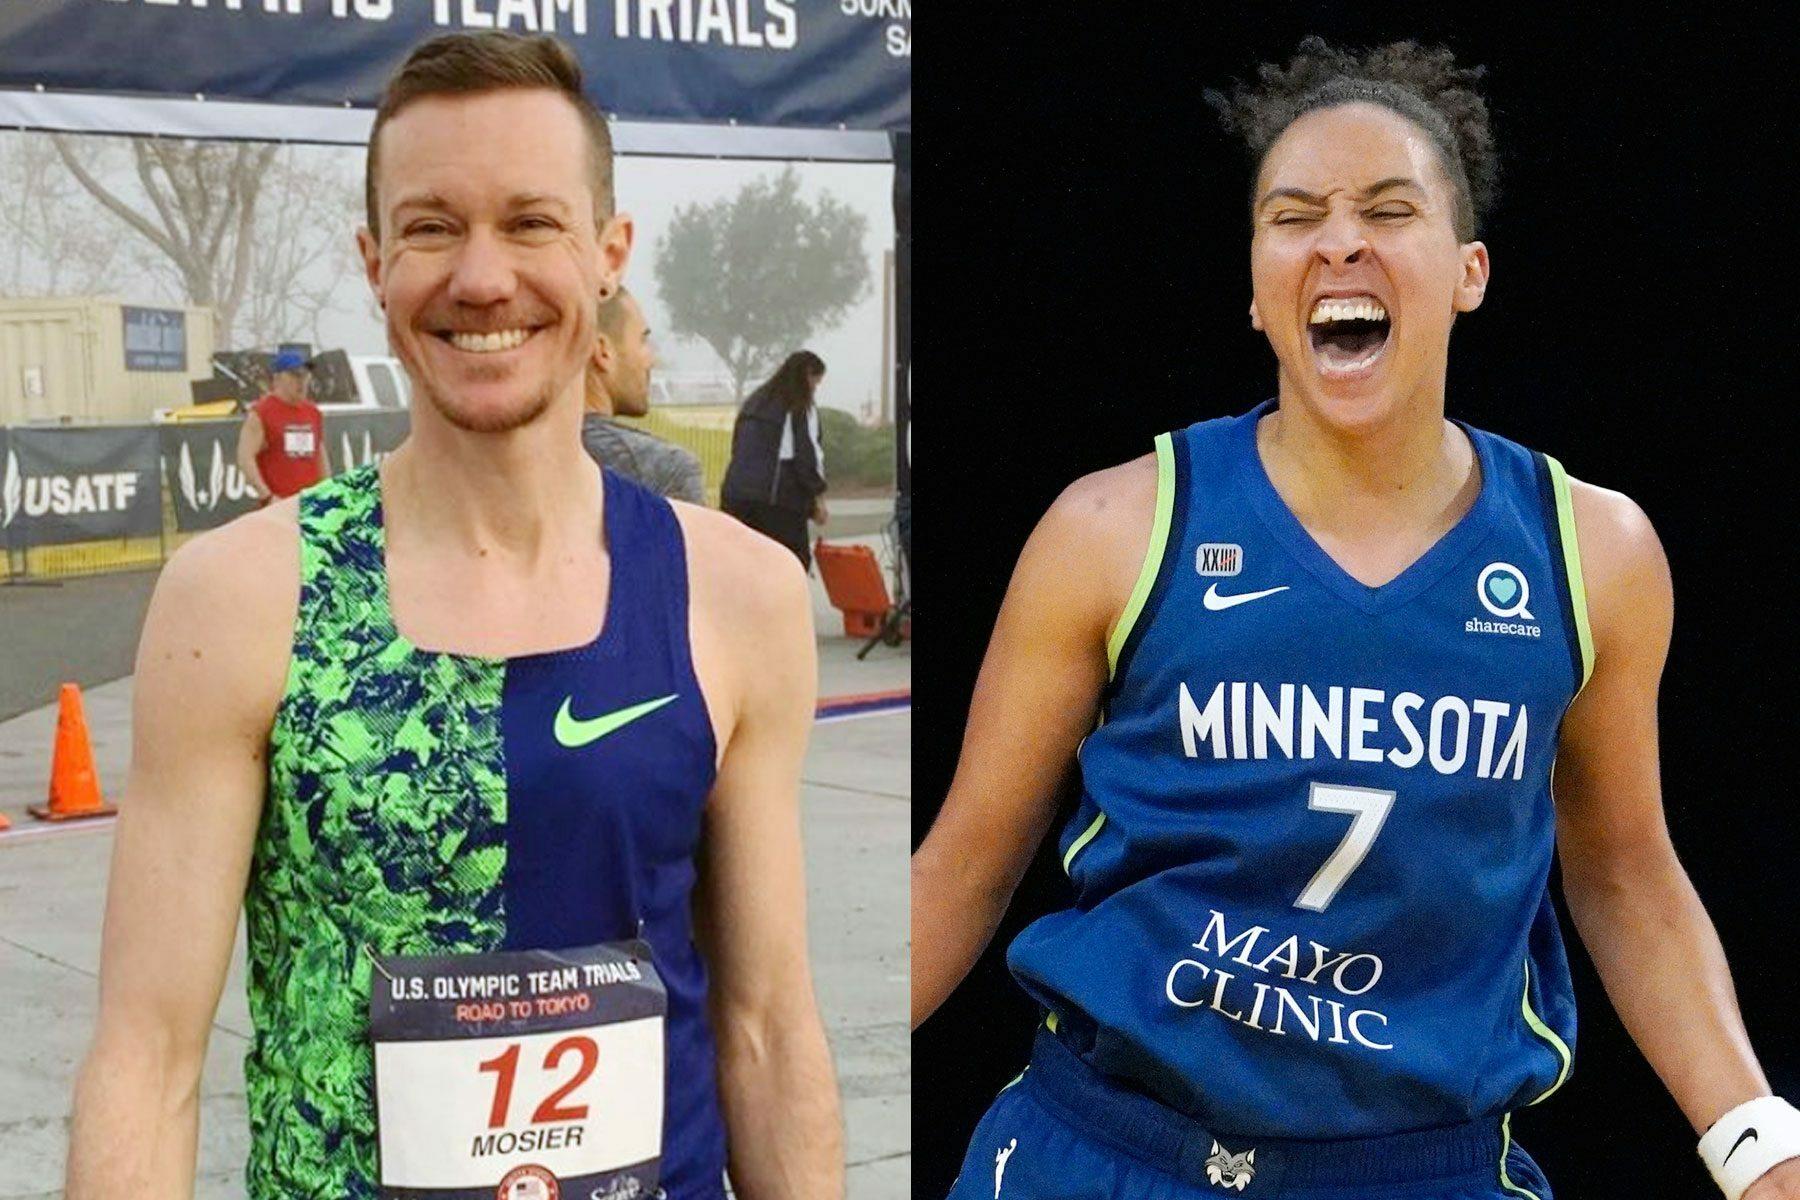 Trans athletes Chris Mosier and Layshia Clarendon.